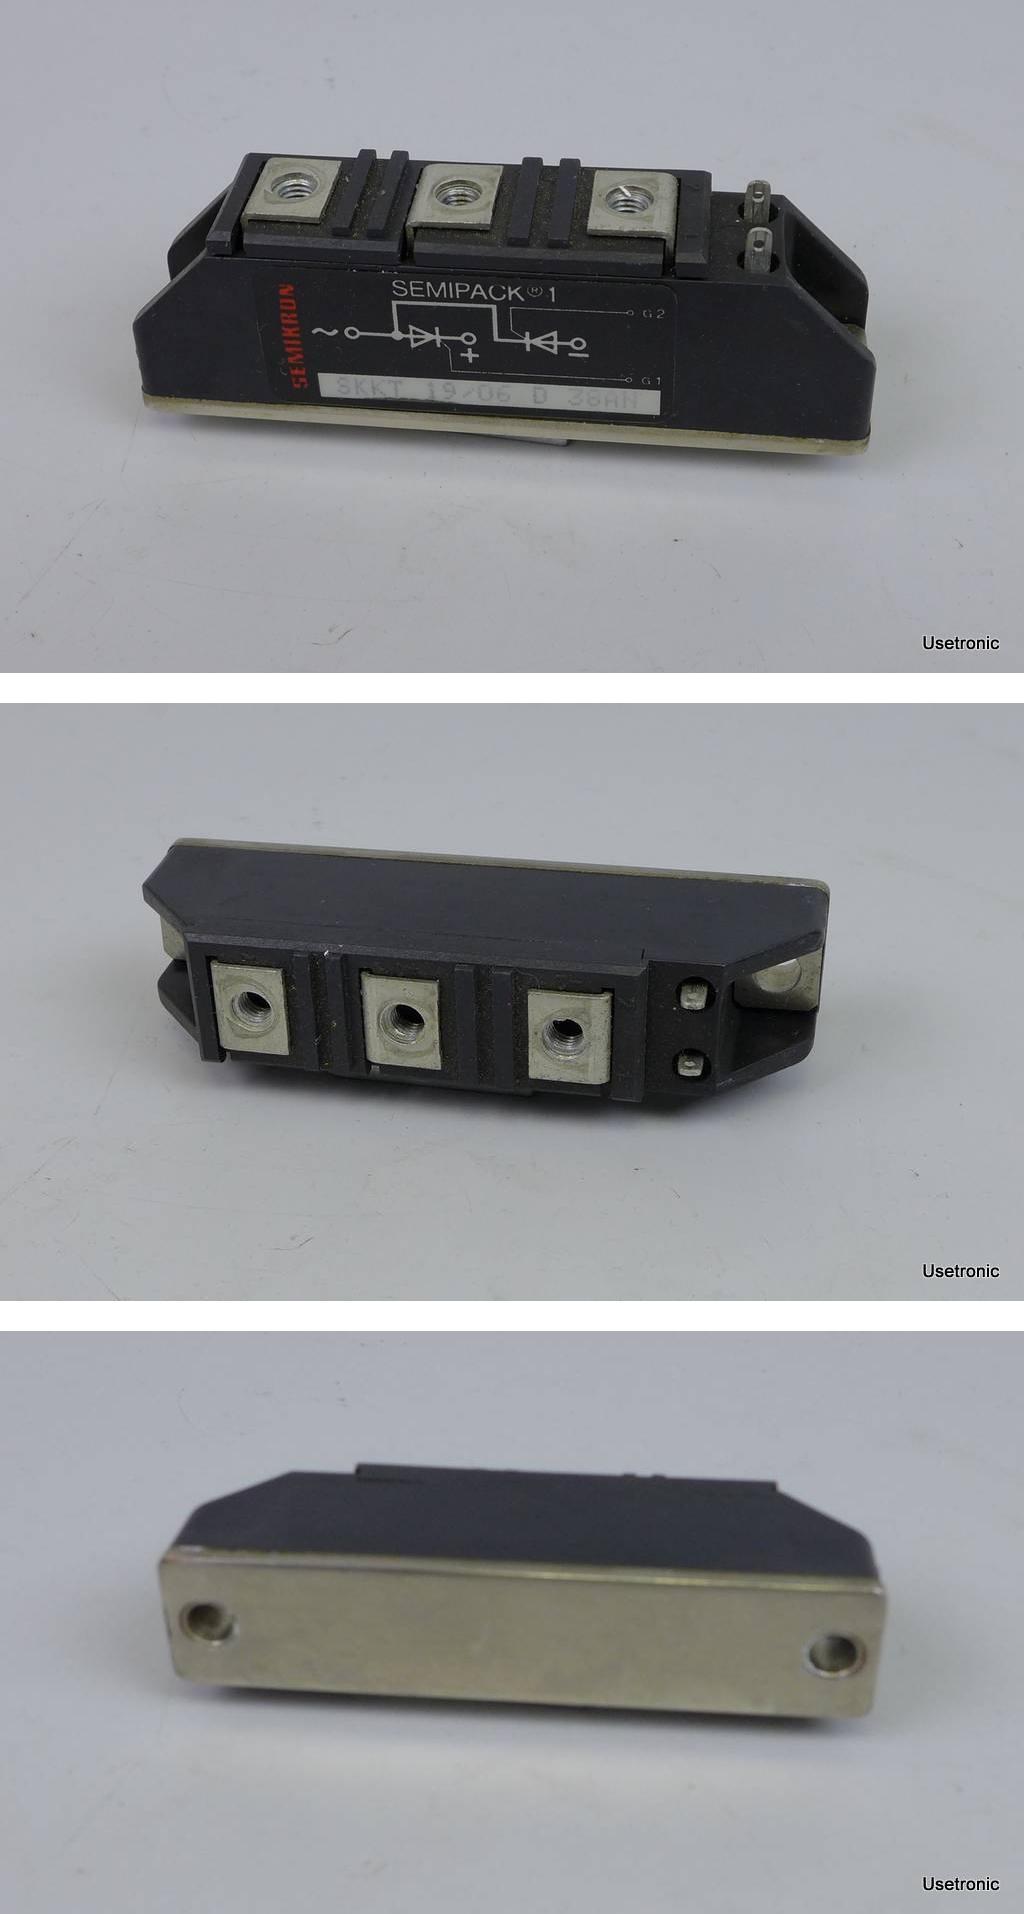 Semikron Semipack 1 SKKT 19/06 D